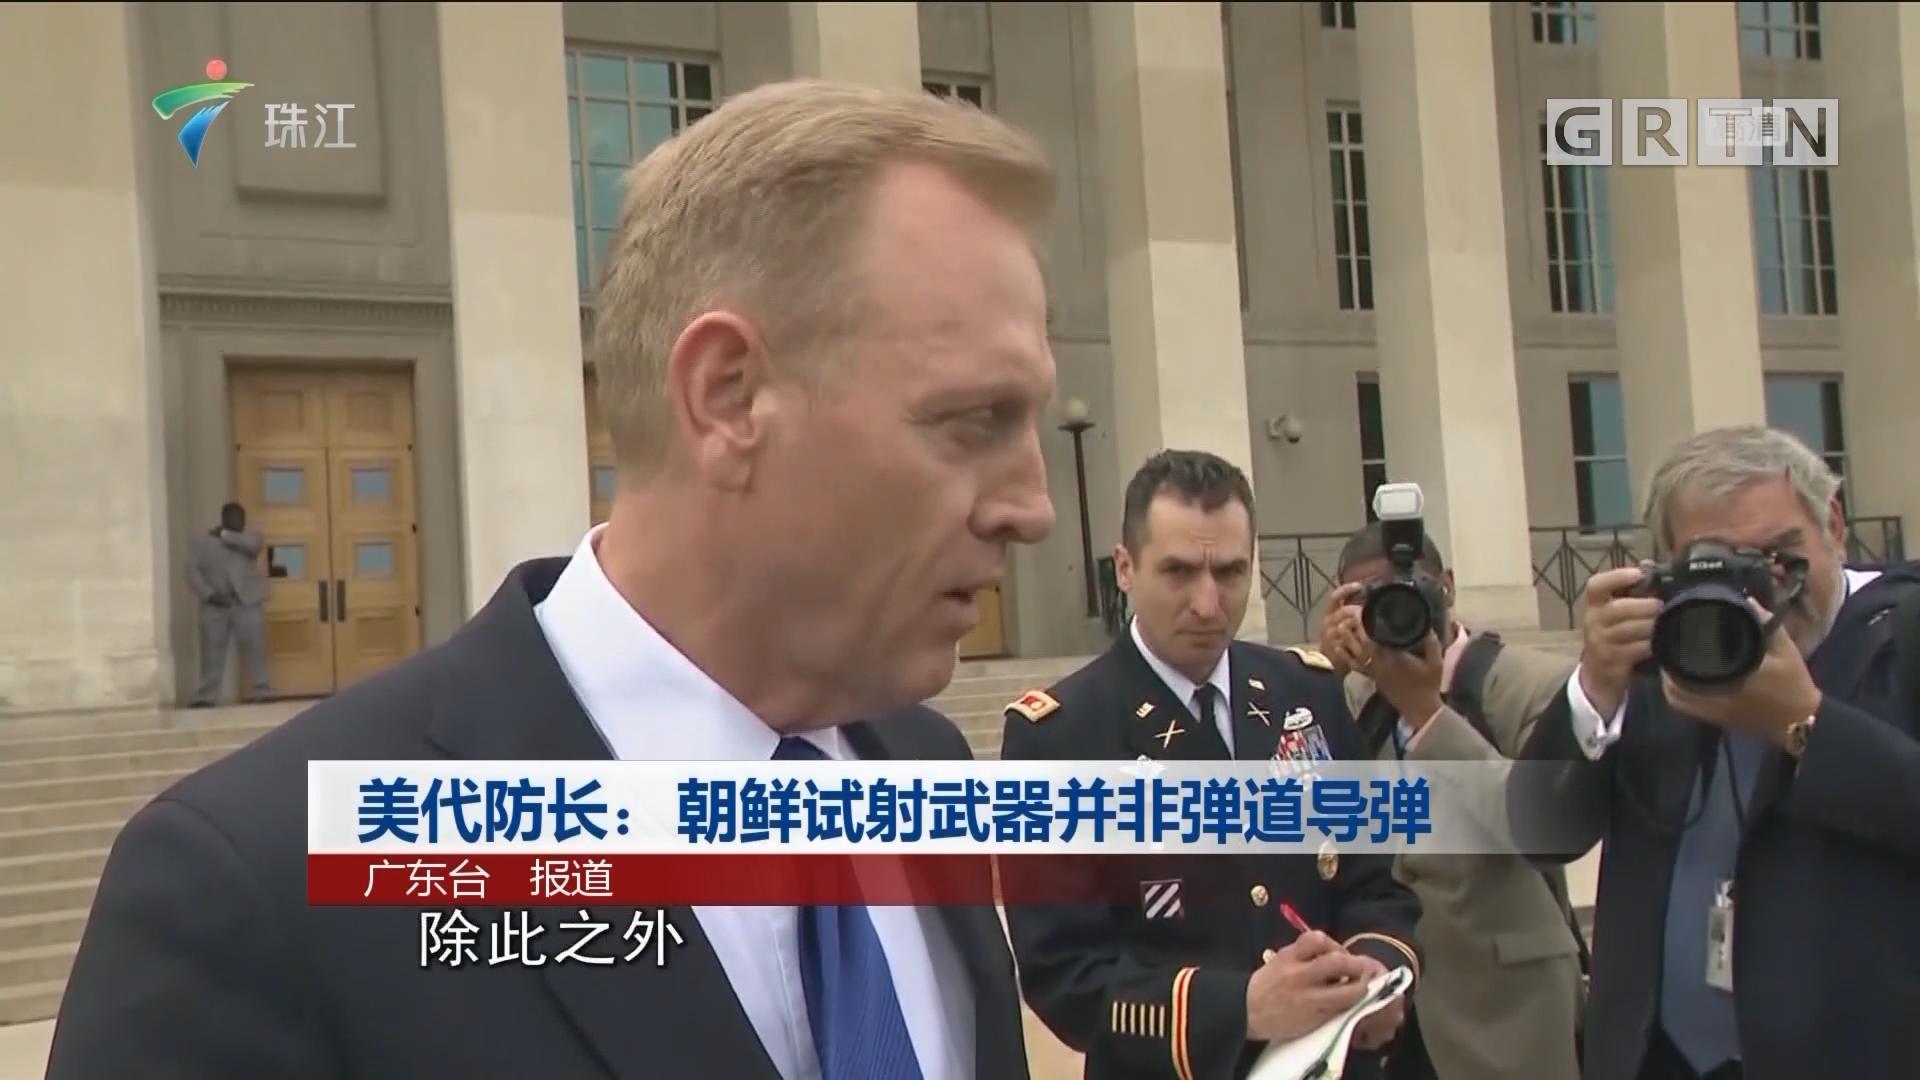 美代防长:朝鲜试射武器并非弹道导弹